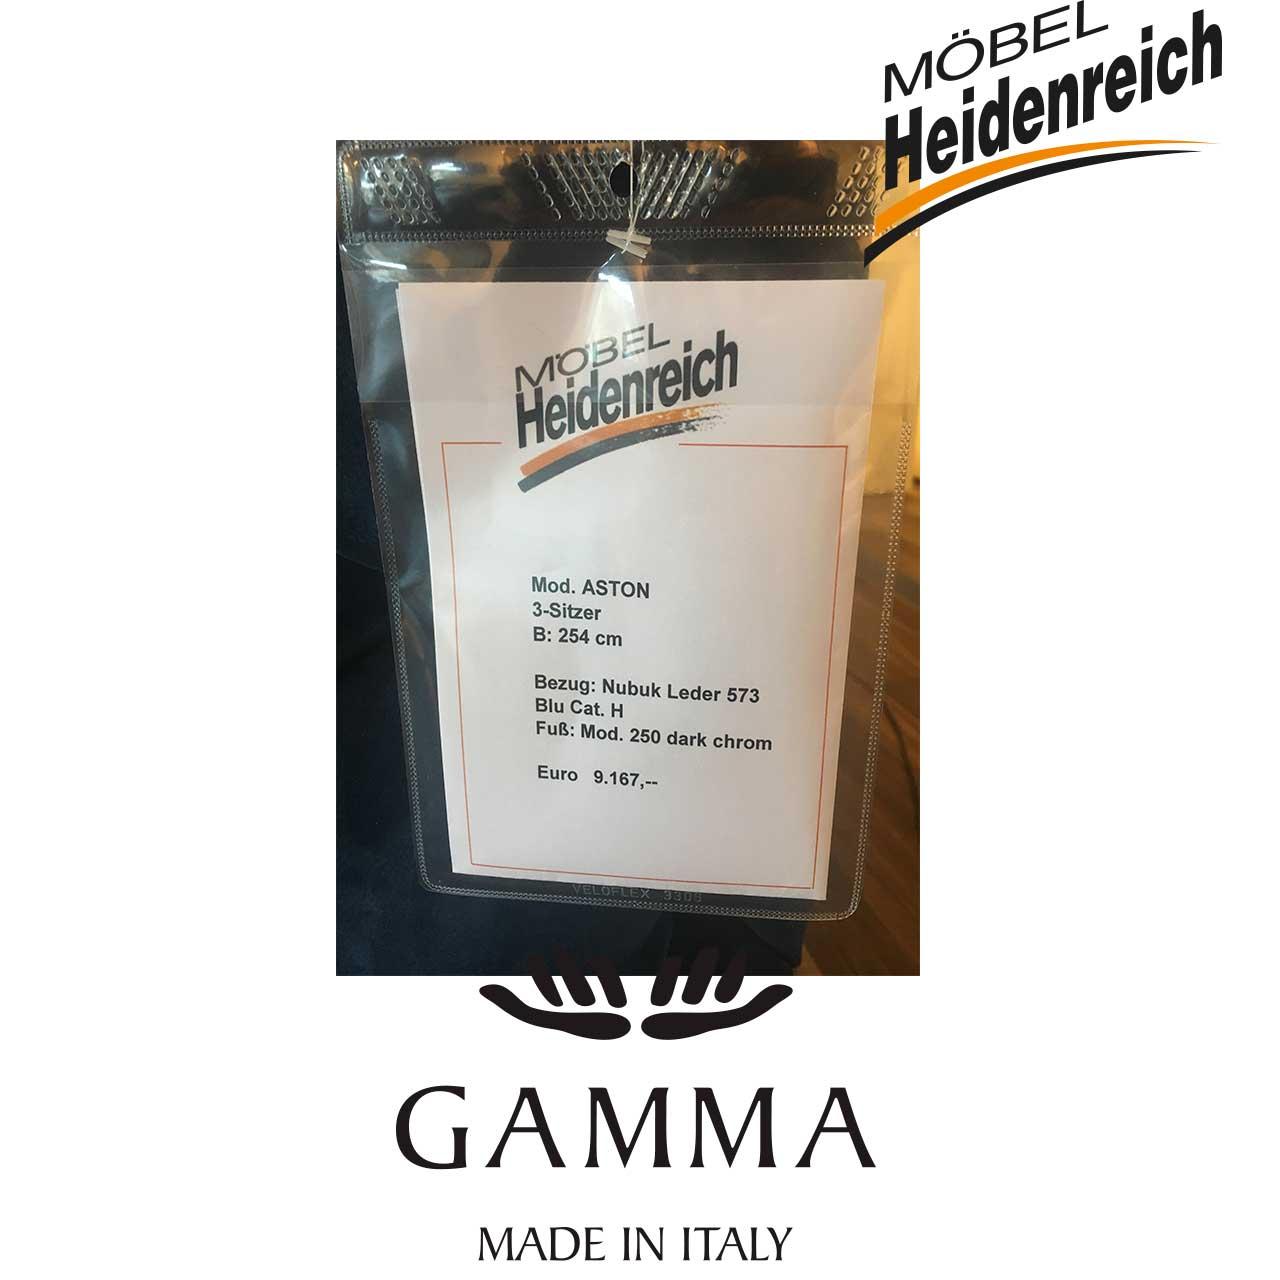 Gamma Sofa Aston Sofas Garnituren Sale Möbel Heidenreich